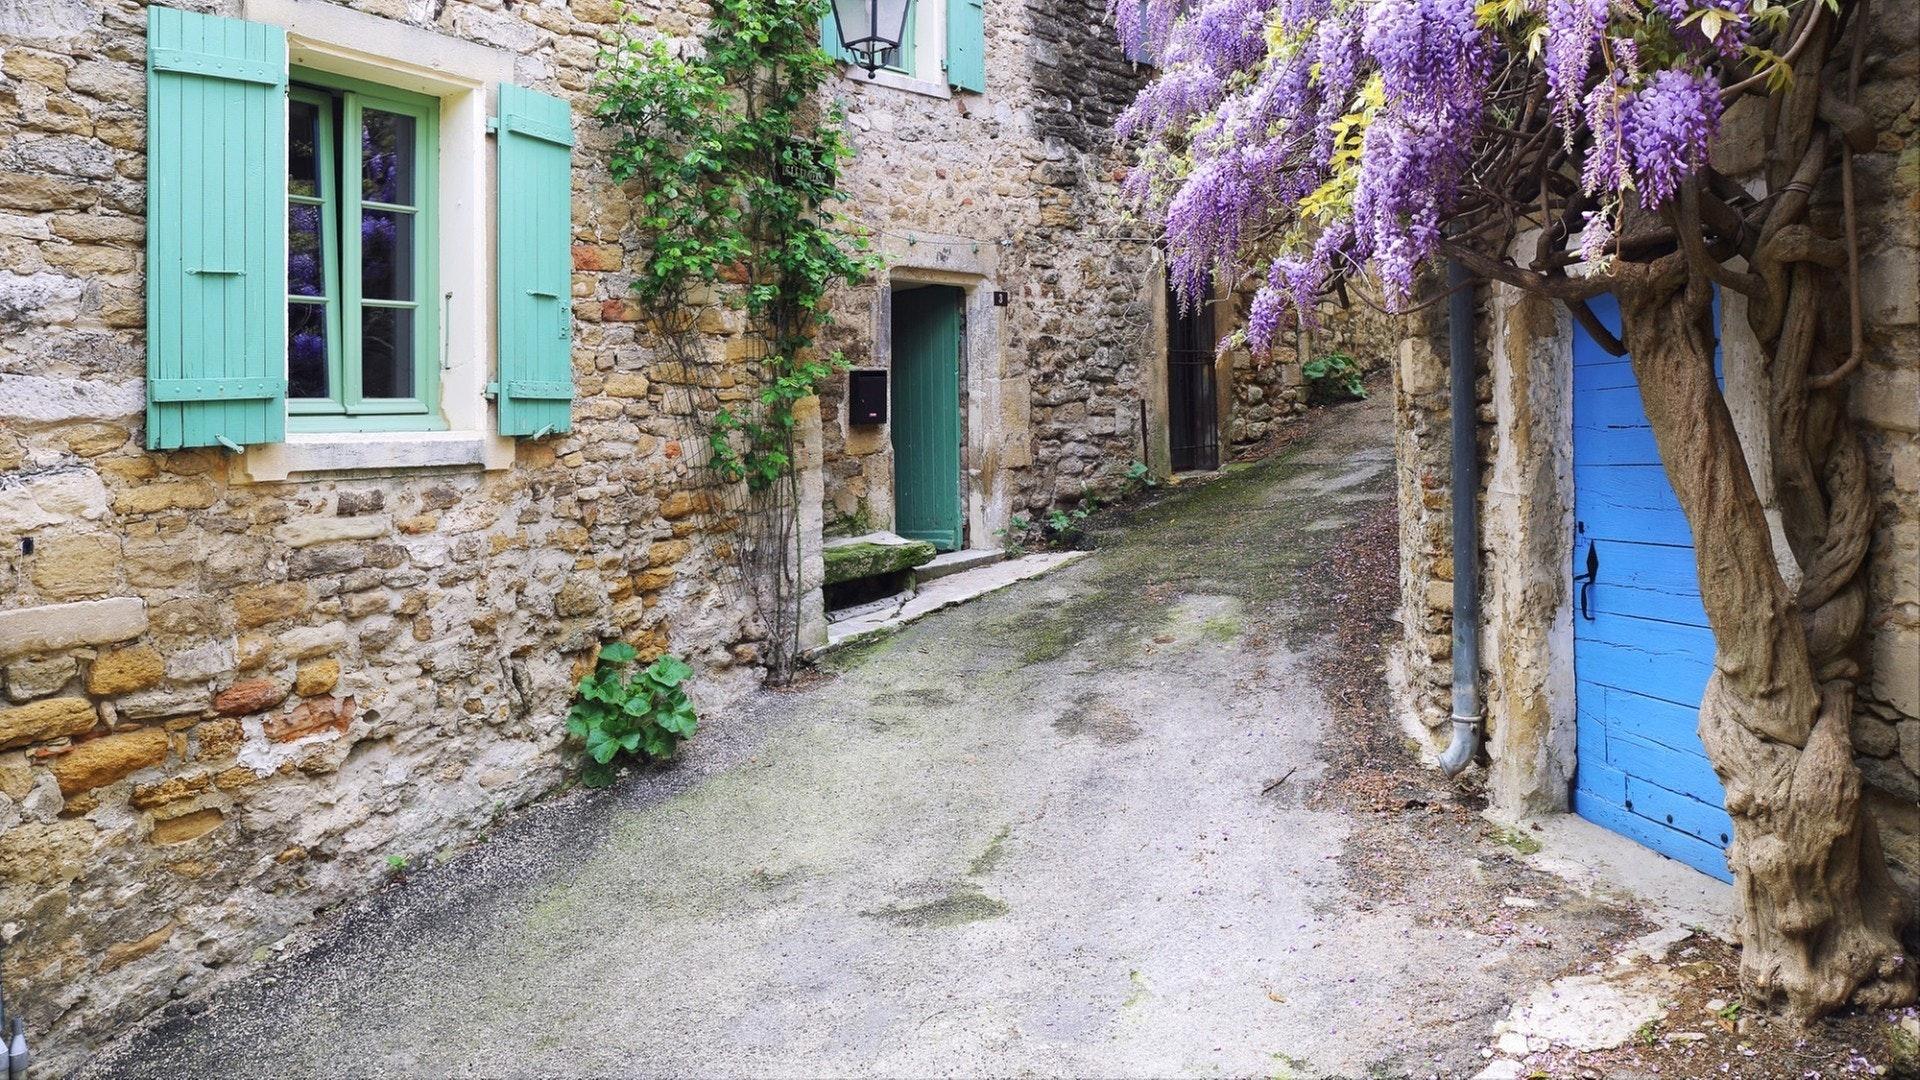 Aldeia de Provença floração roxa Wisteria videira